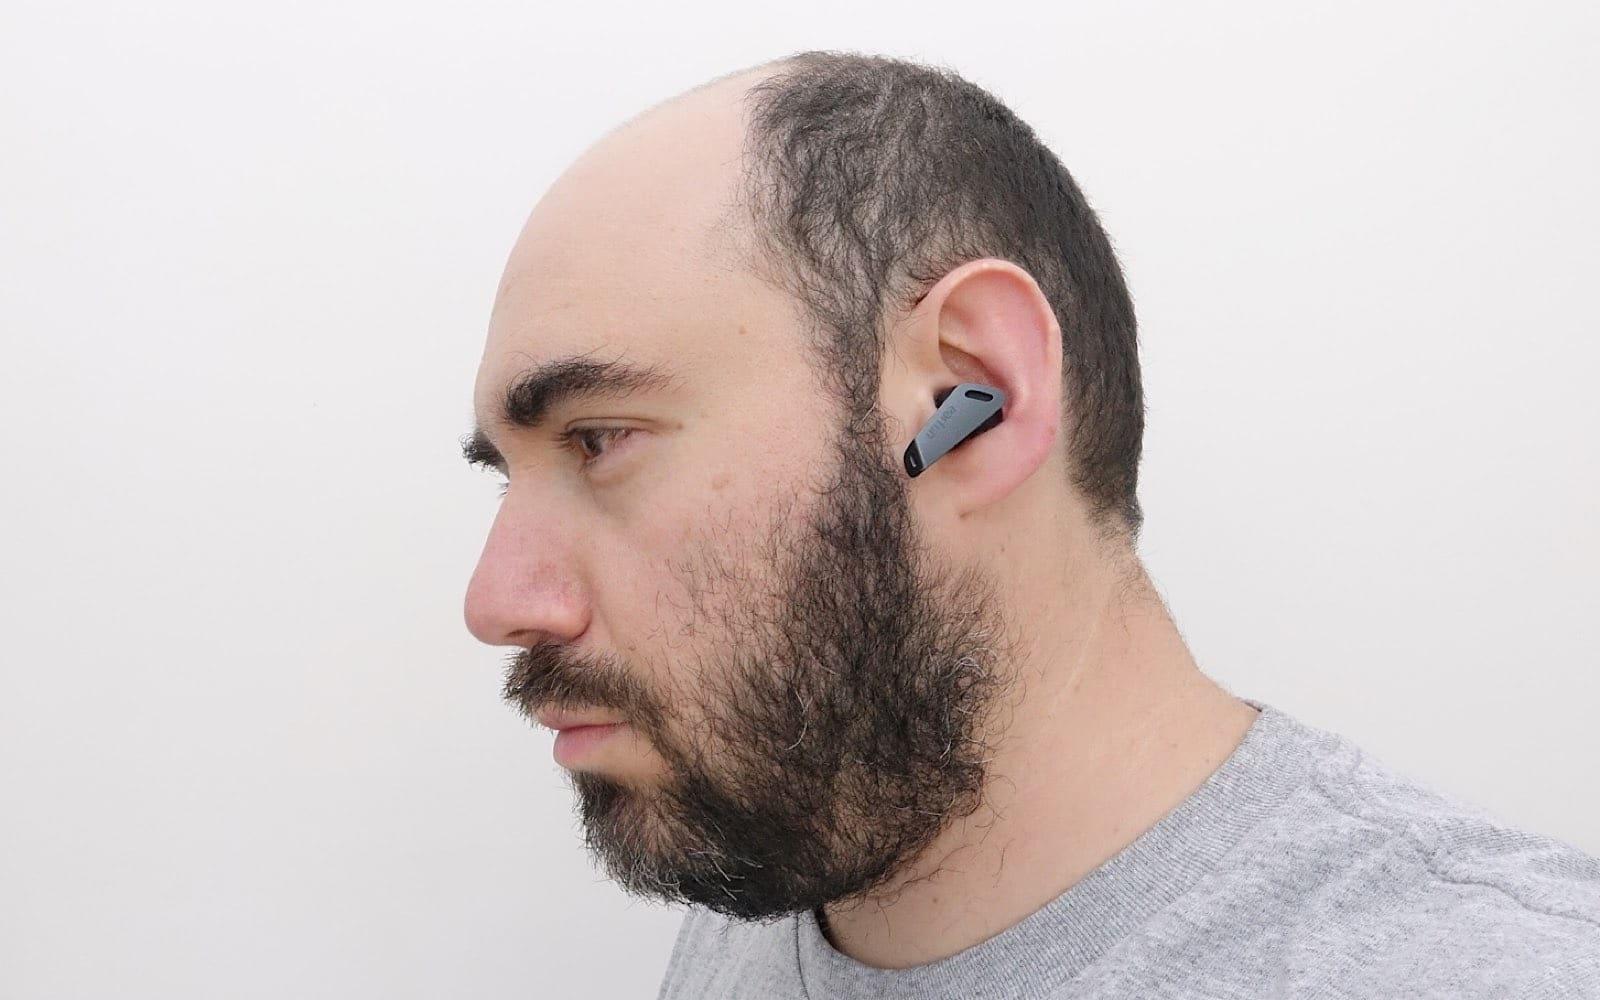 Wearing the EarFun Air Pro